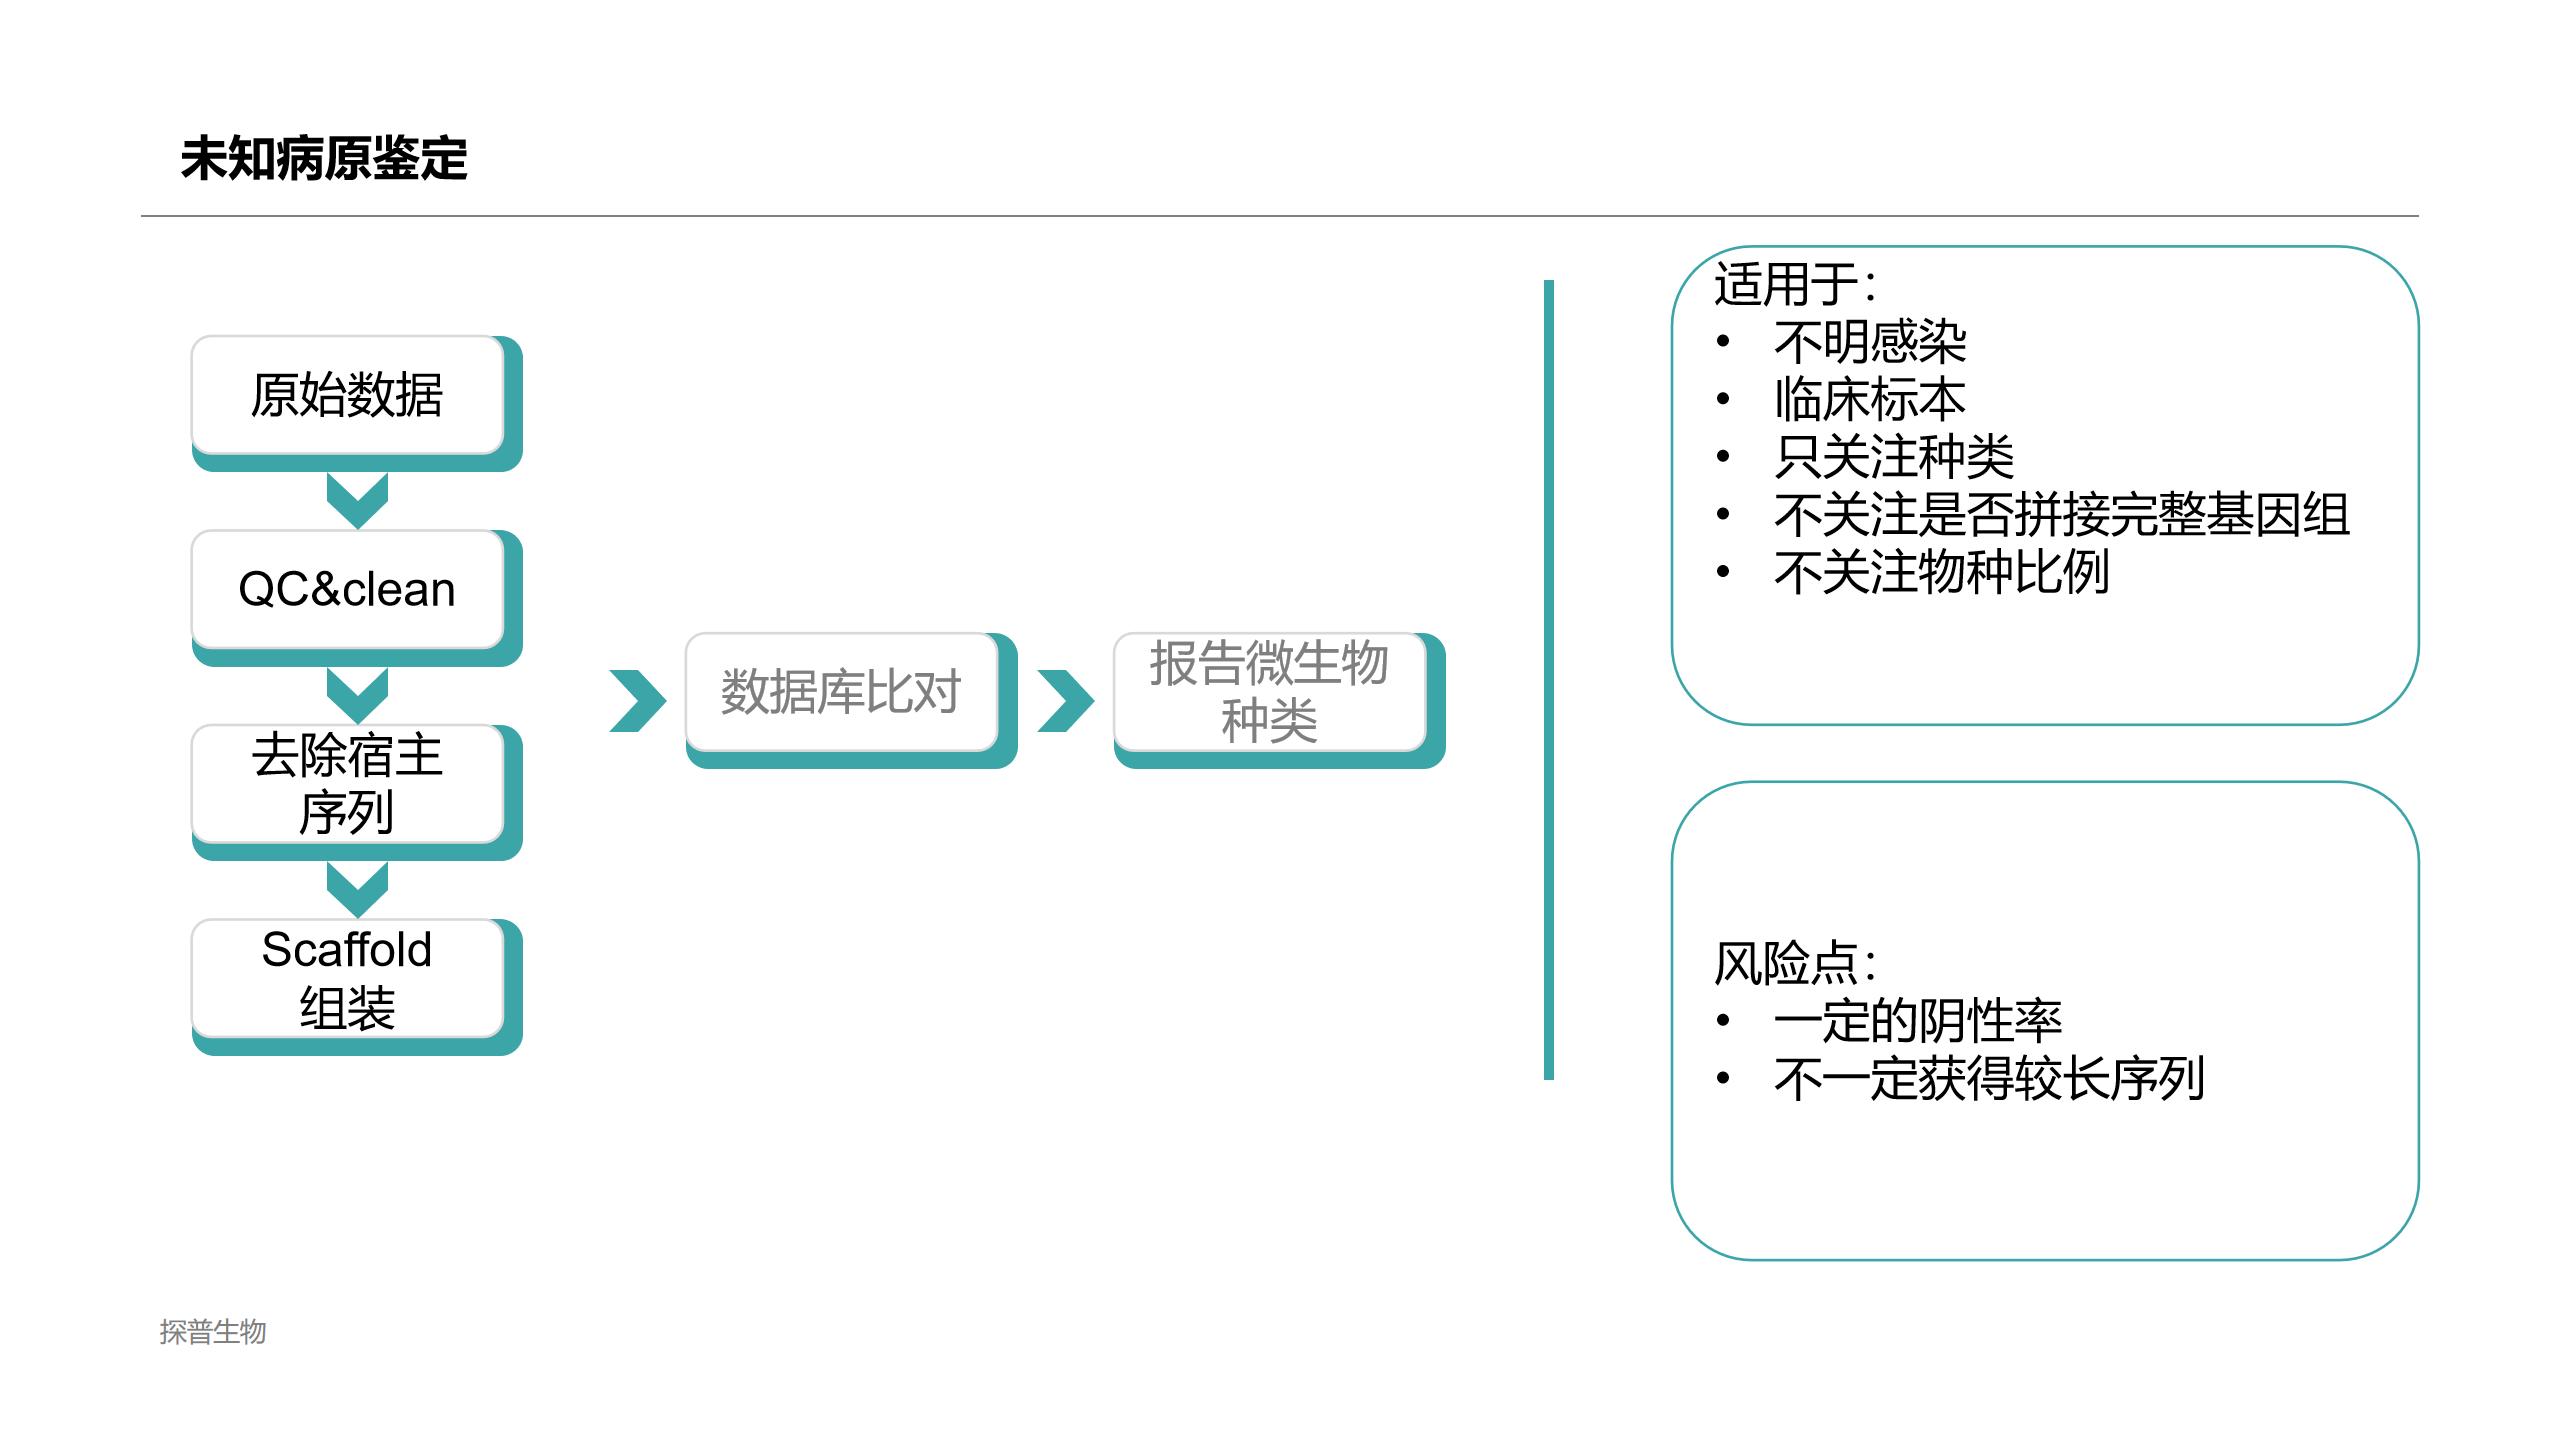 上海专门未知病原微生物鉴定测序,未知病原微生物鉴定